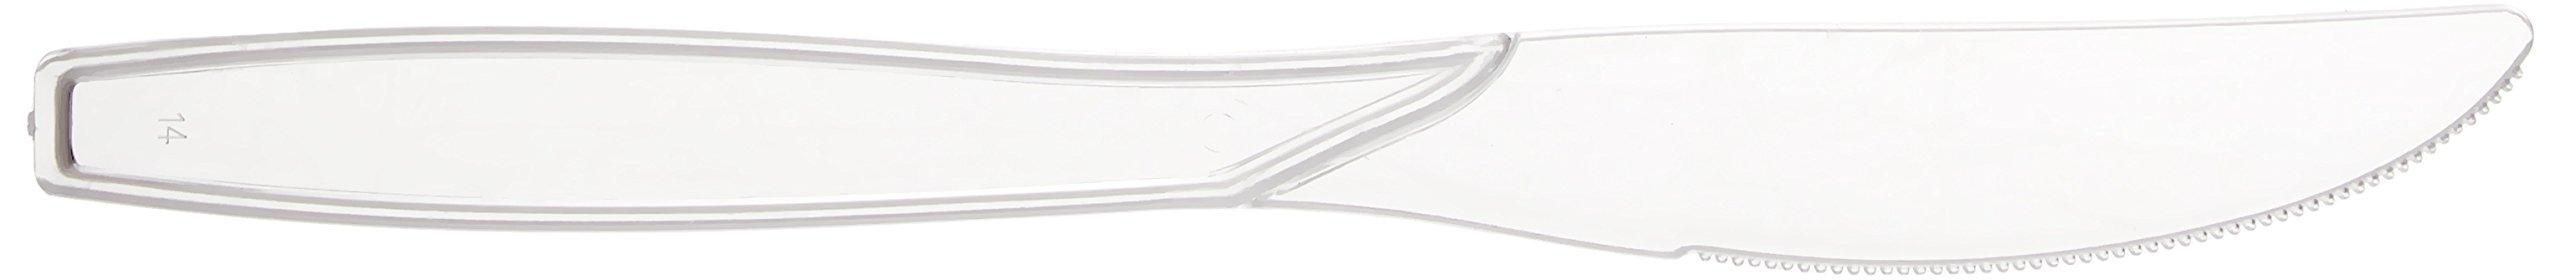 Fineline Settings 100-Piece Extra Heavy Cutlery Knives, Clear by Fineline settings